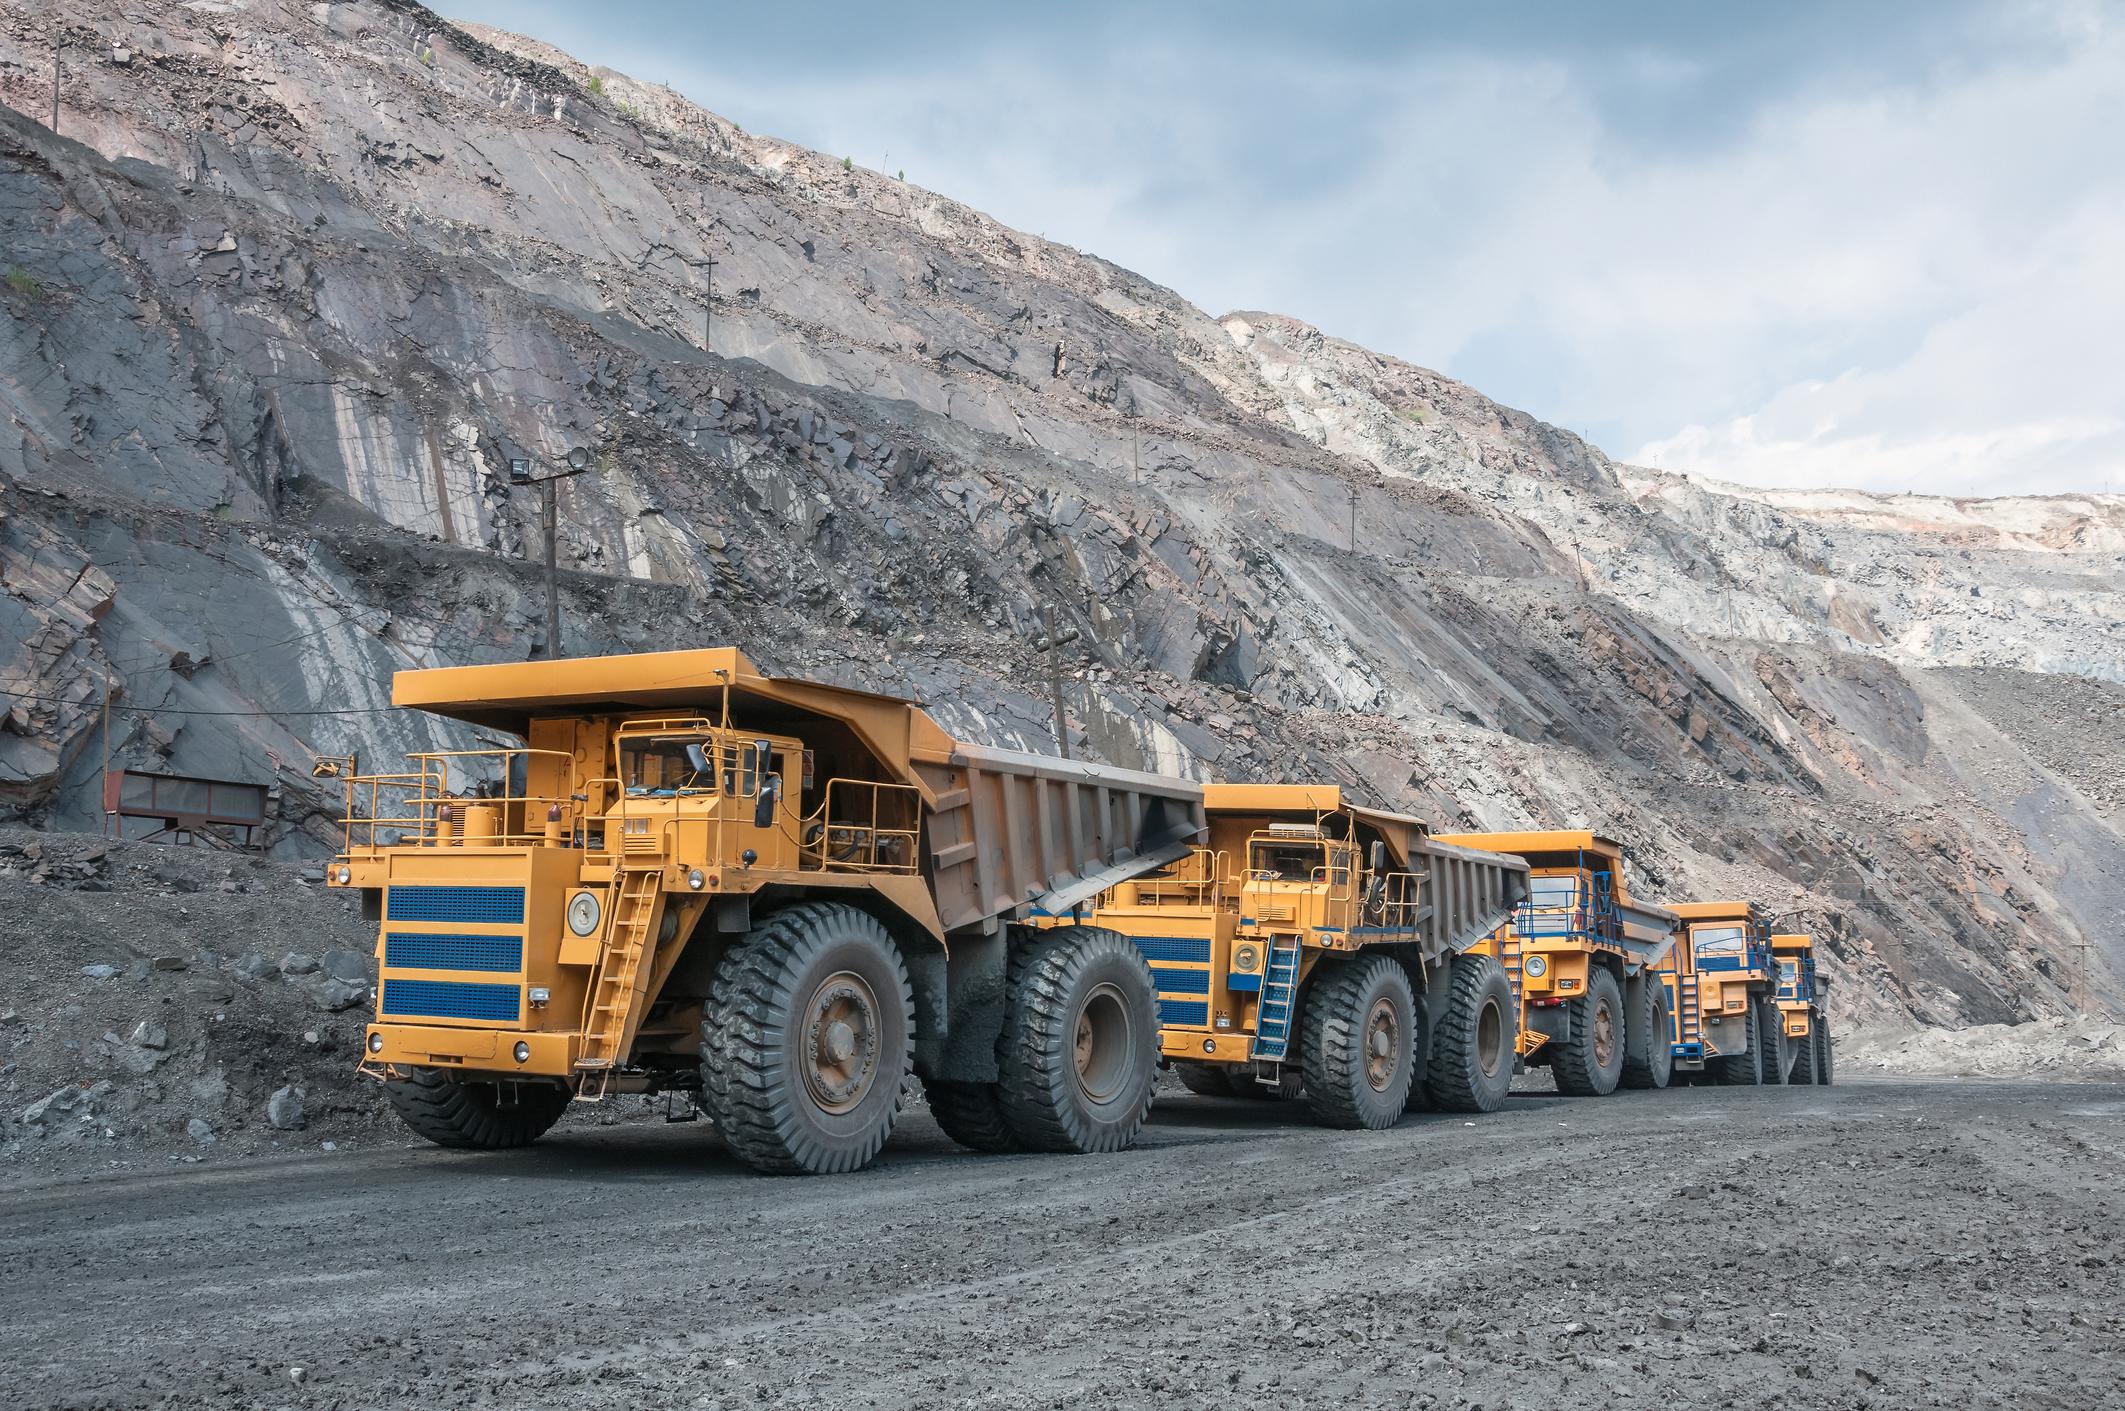 Dump trucks in an open-pit silver mine.